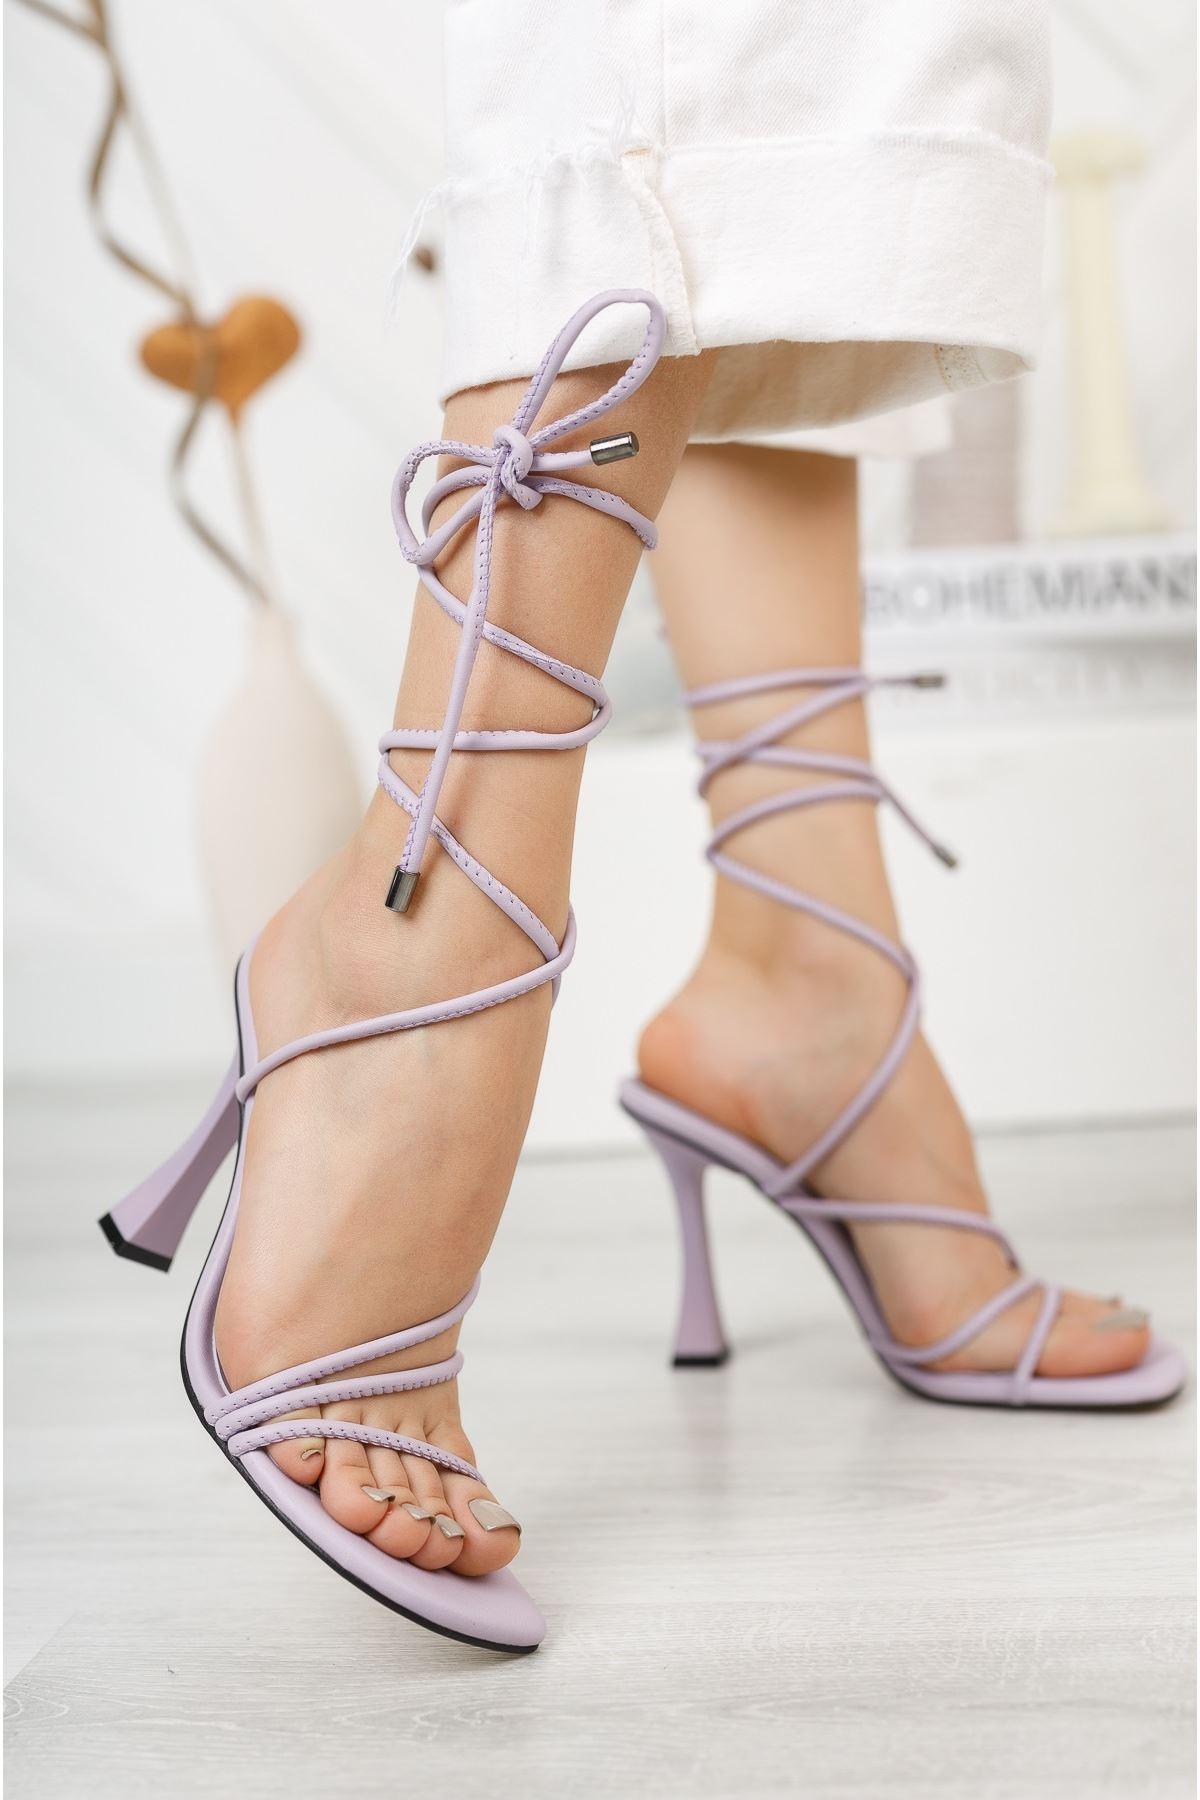 Lila Bilekten Bağlama Detaylı Yüksek Topuklu Ayakkabı